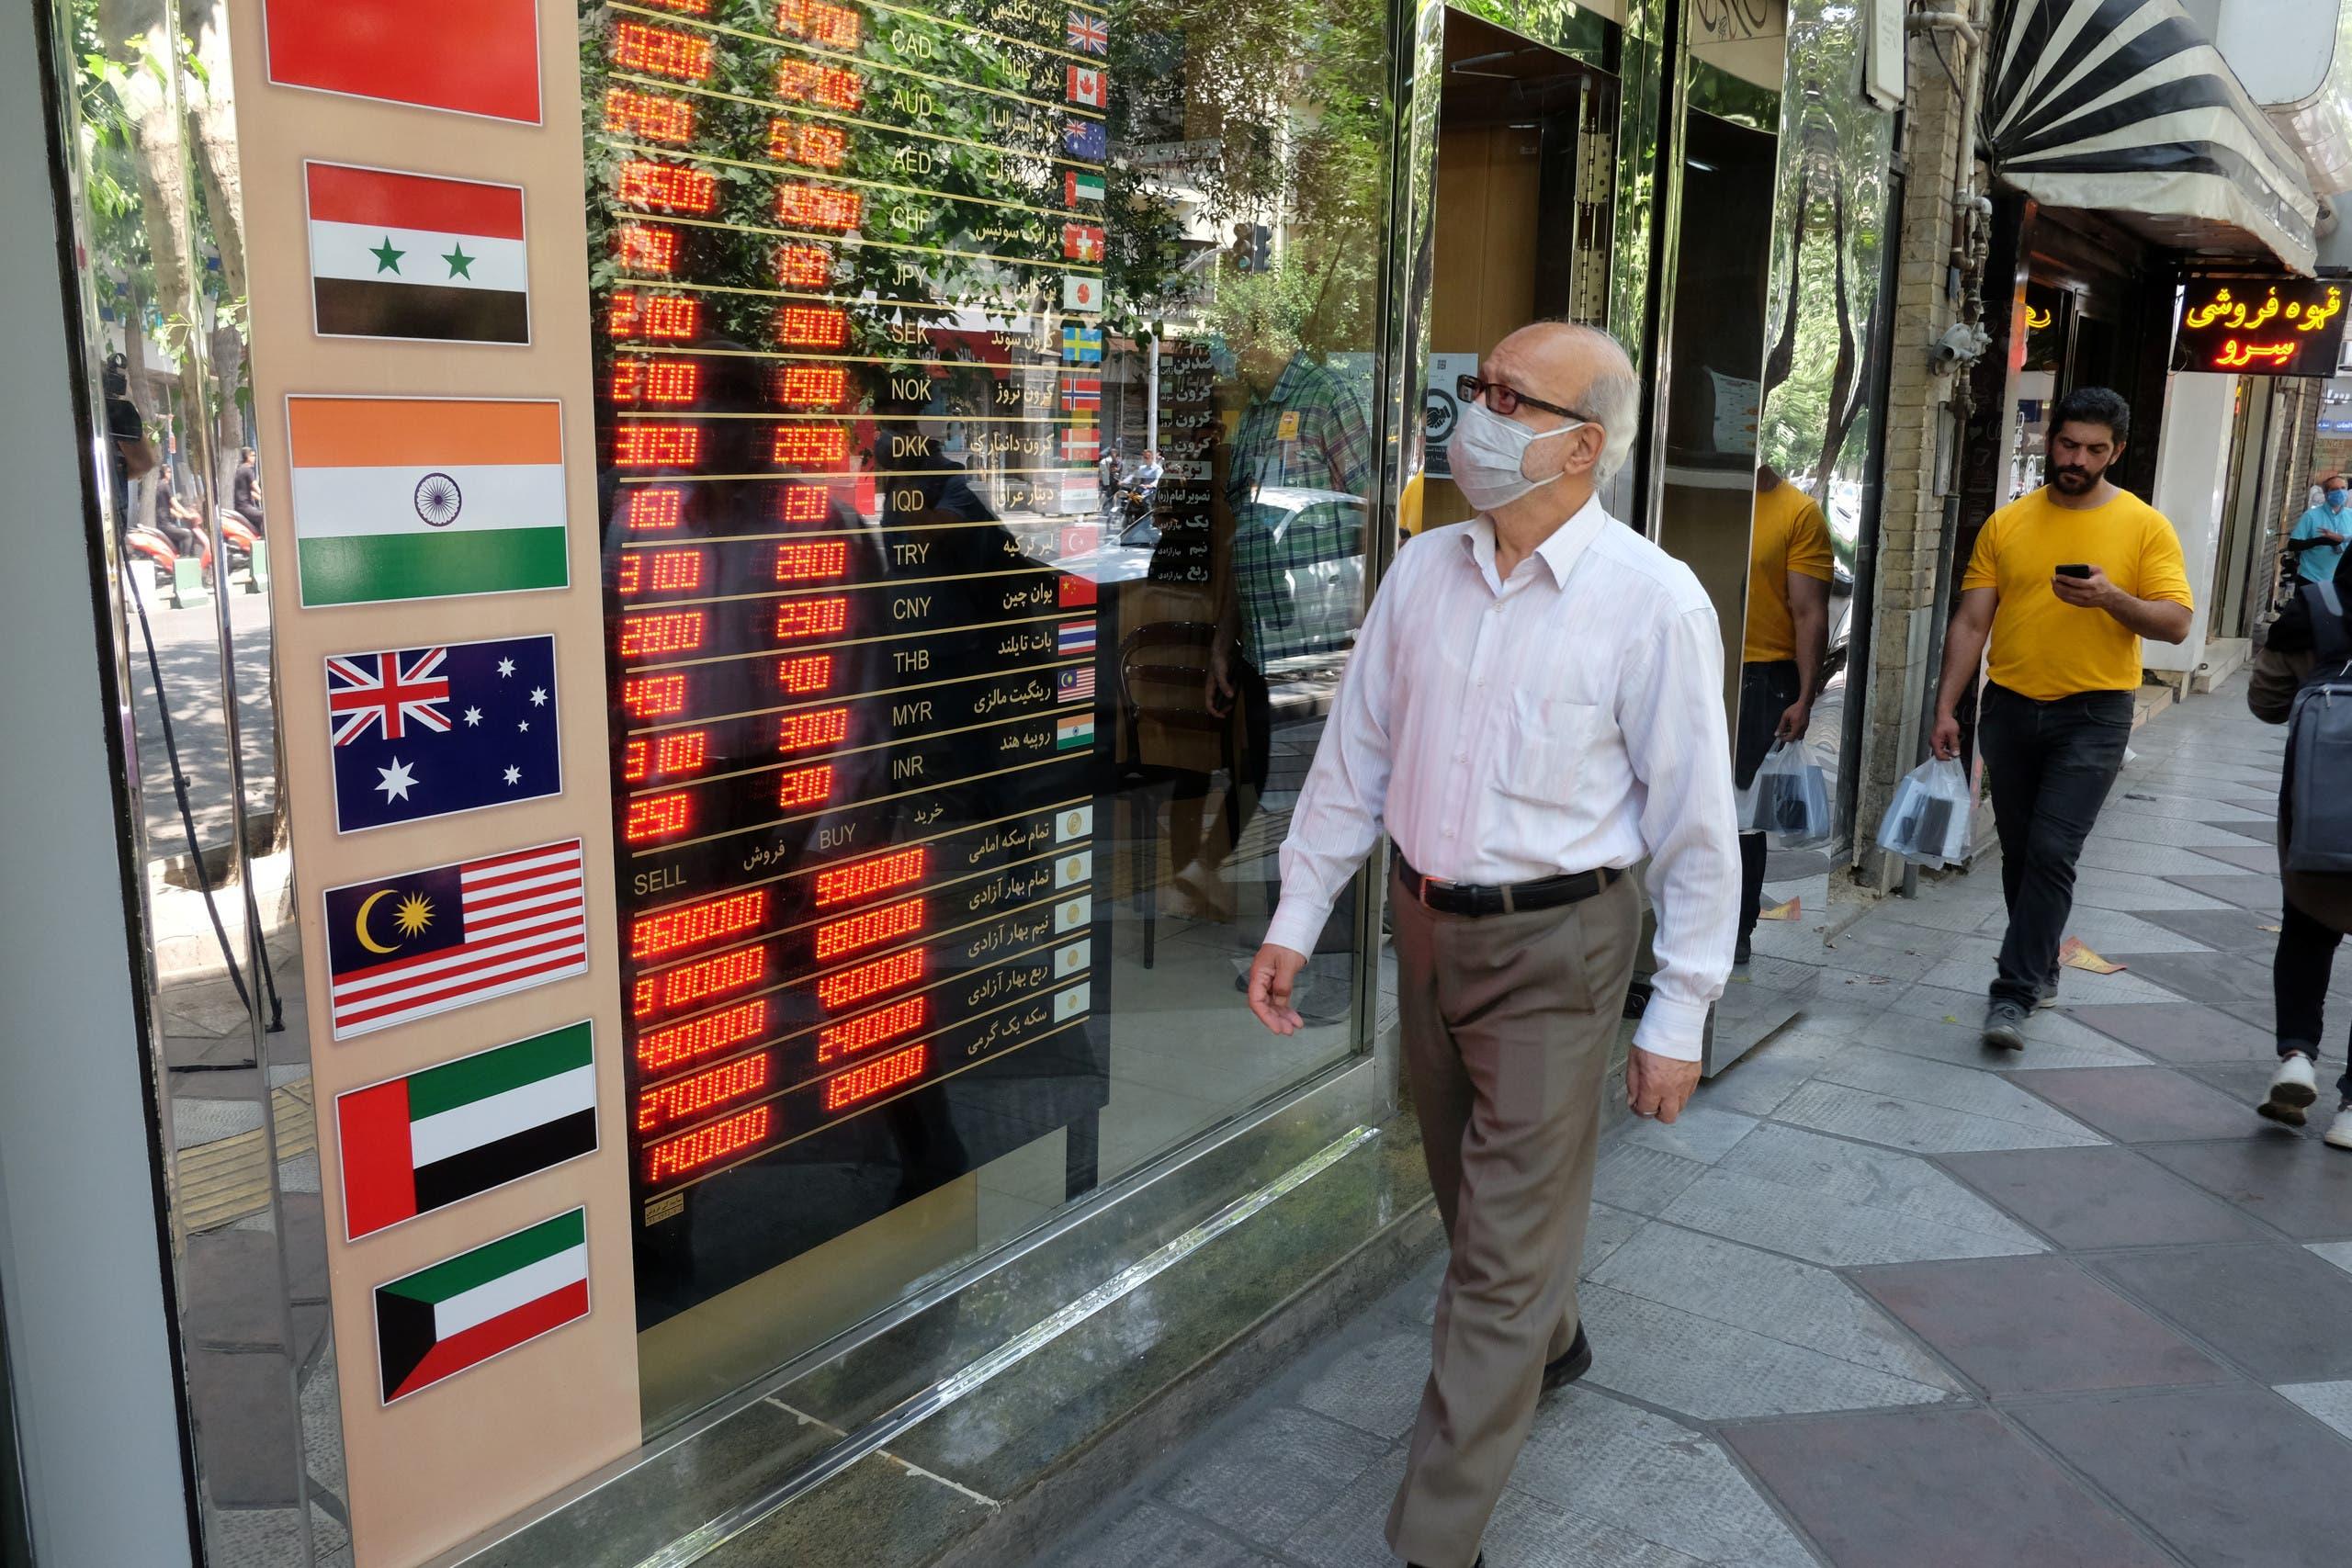 الريال الإيراني وصل مستويات متدنية تاريخيا